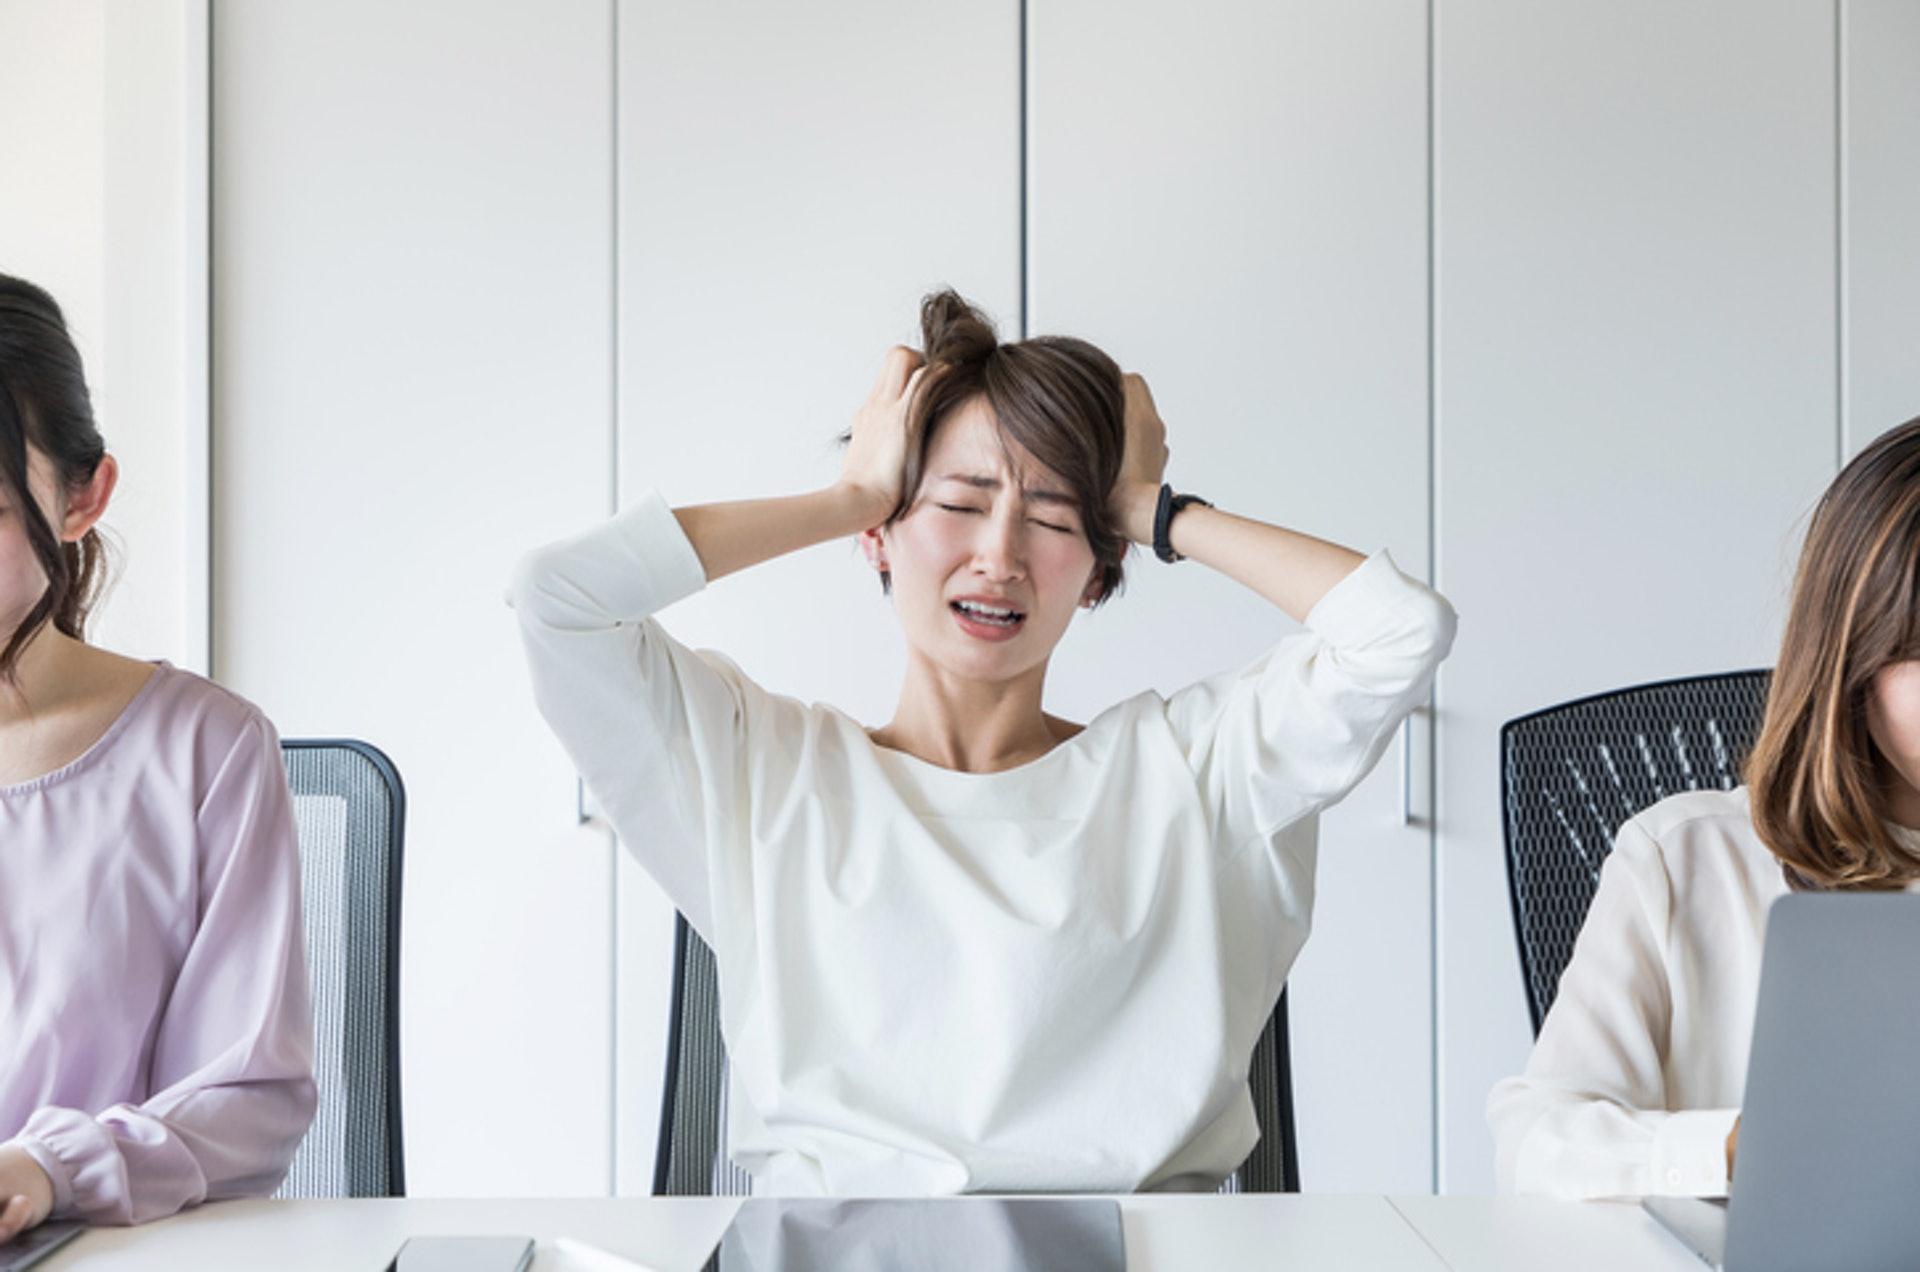 一般頭痛、胃痛、經痛、腰背痛、關節痛、牙痛都屬感覺接受性疼痛。(GettyImages)